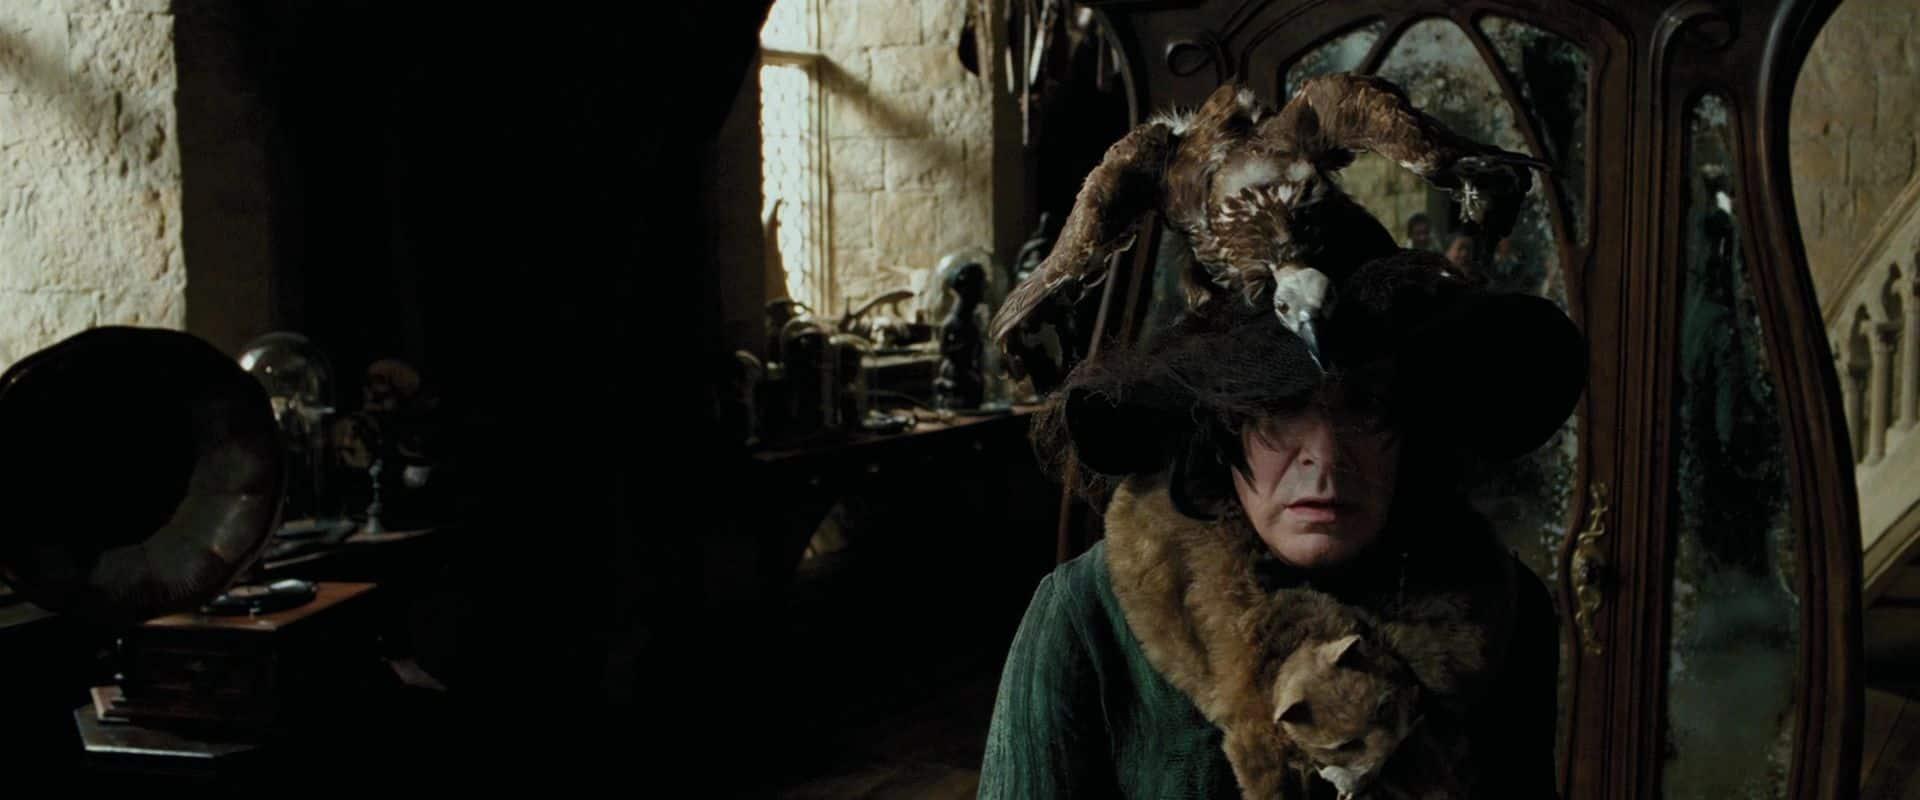 Severo Snape escolheu a profissão errada